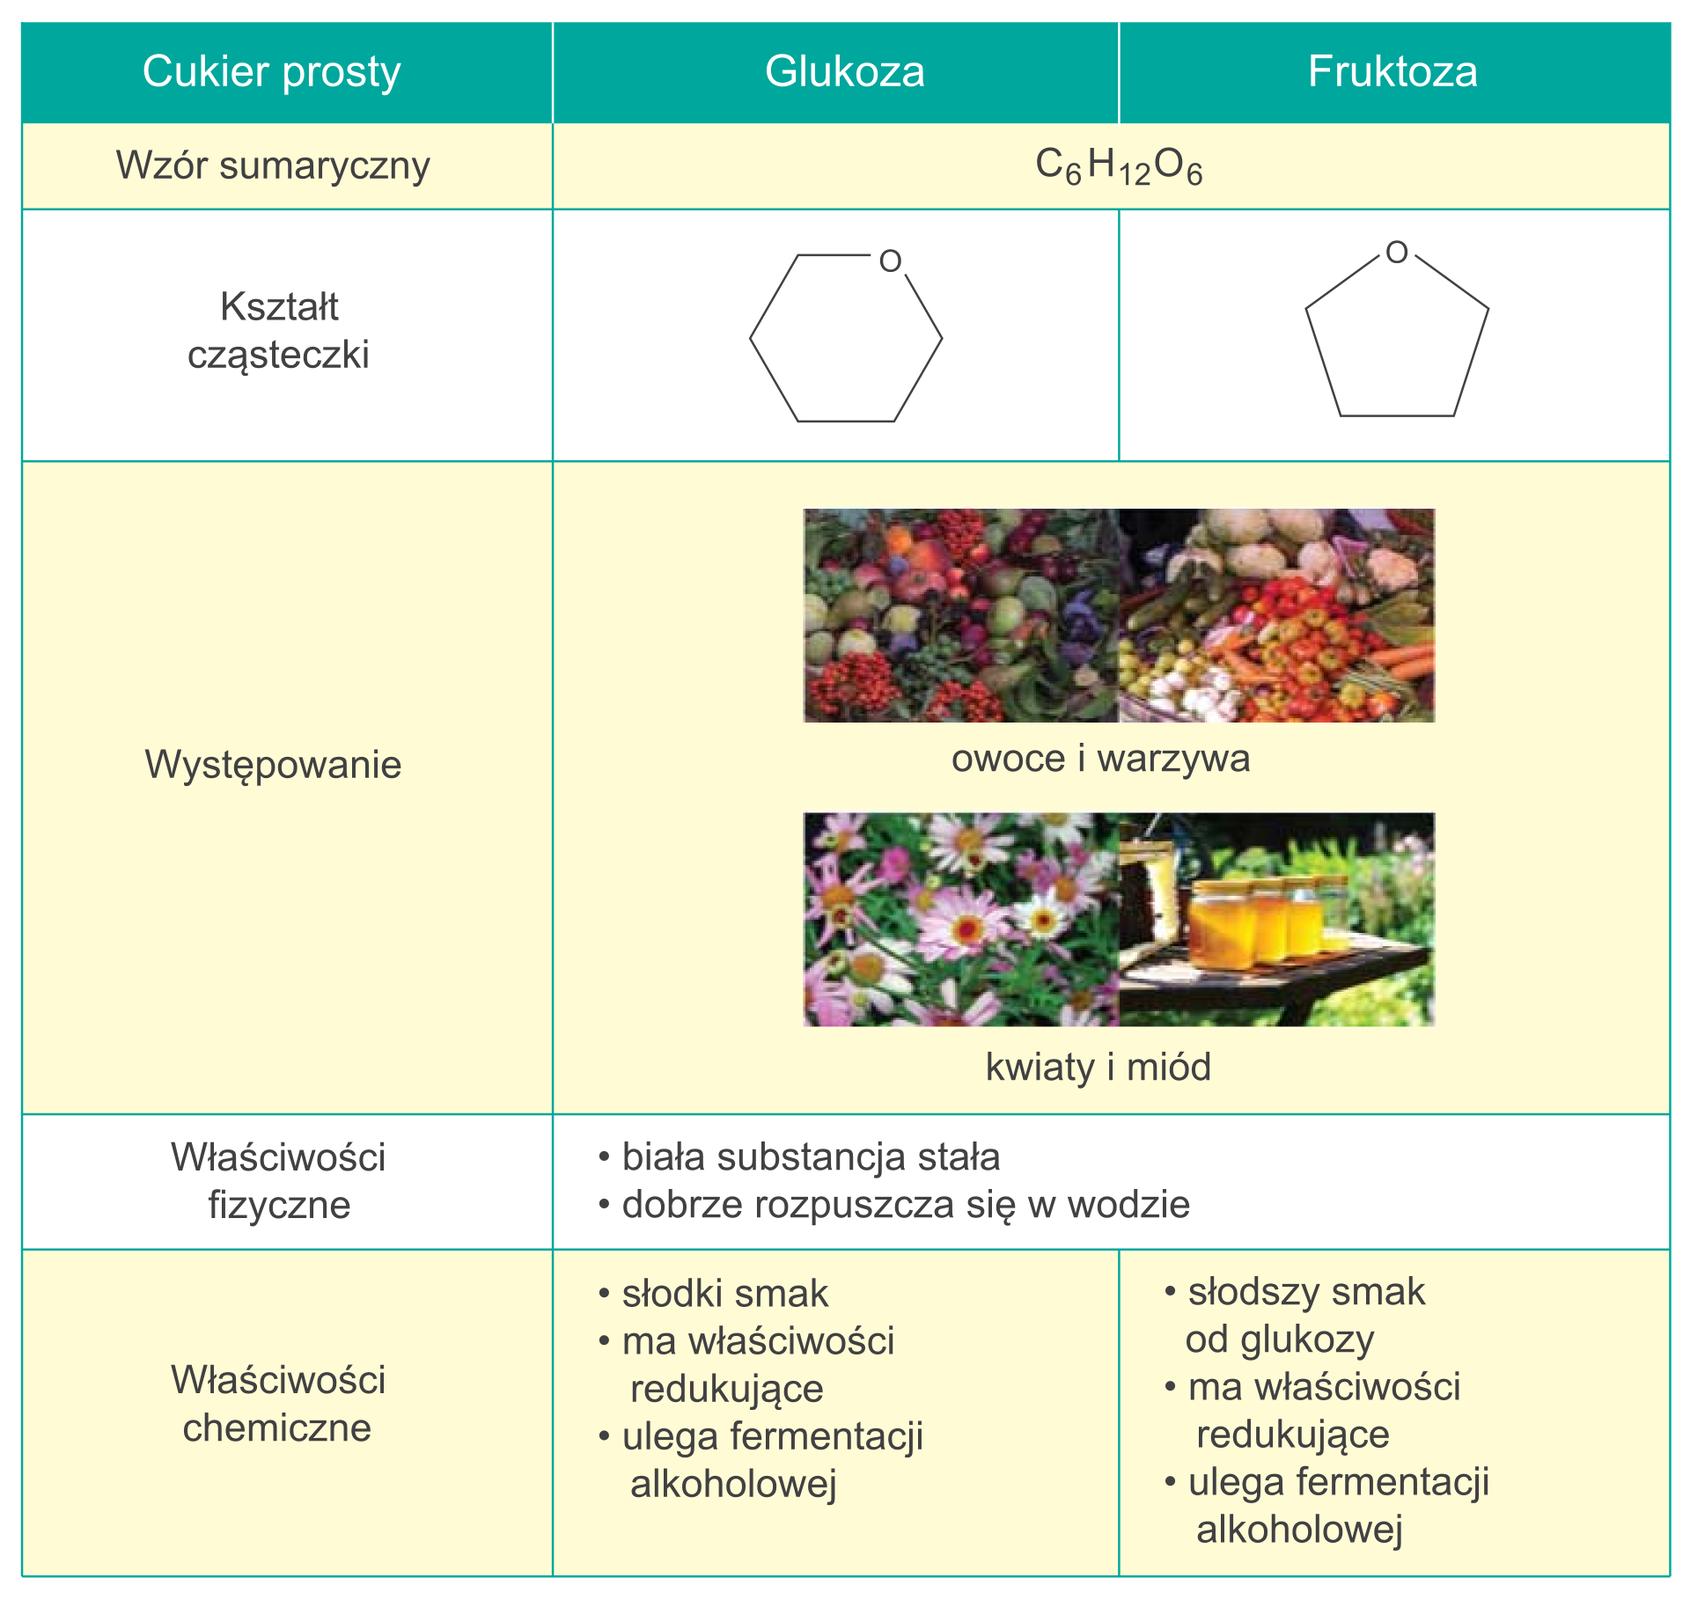 Właściwości glukozy ifruktozy